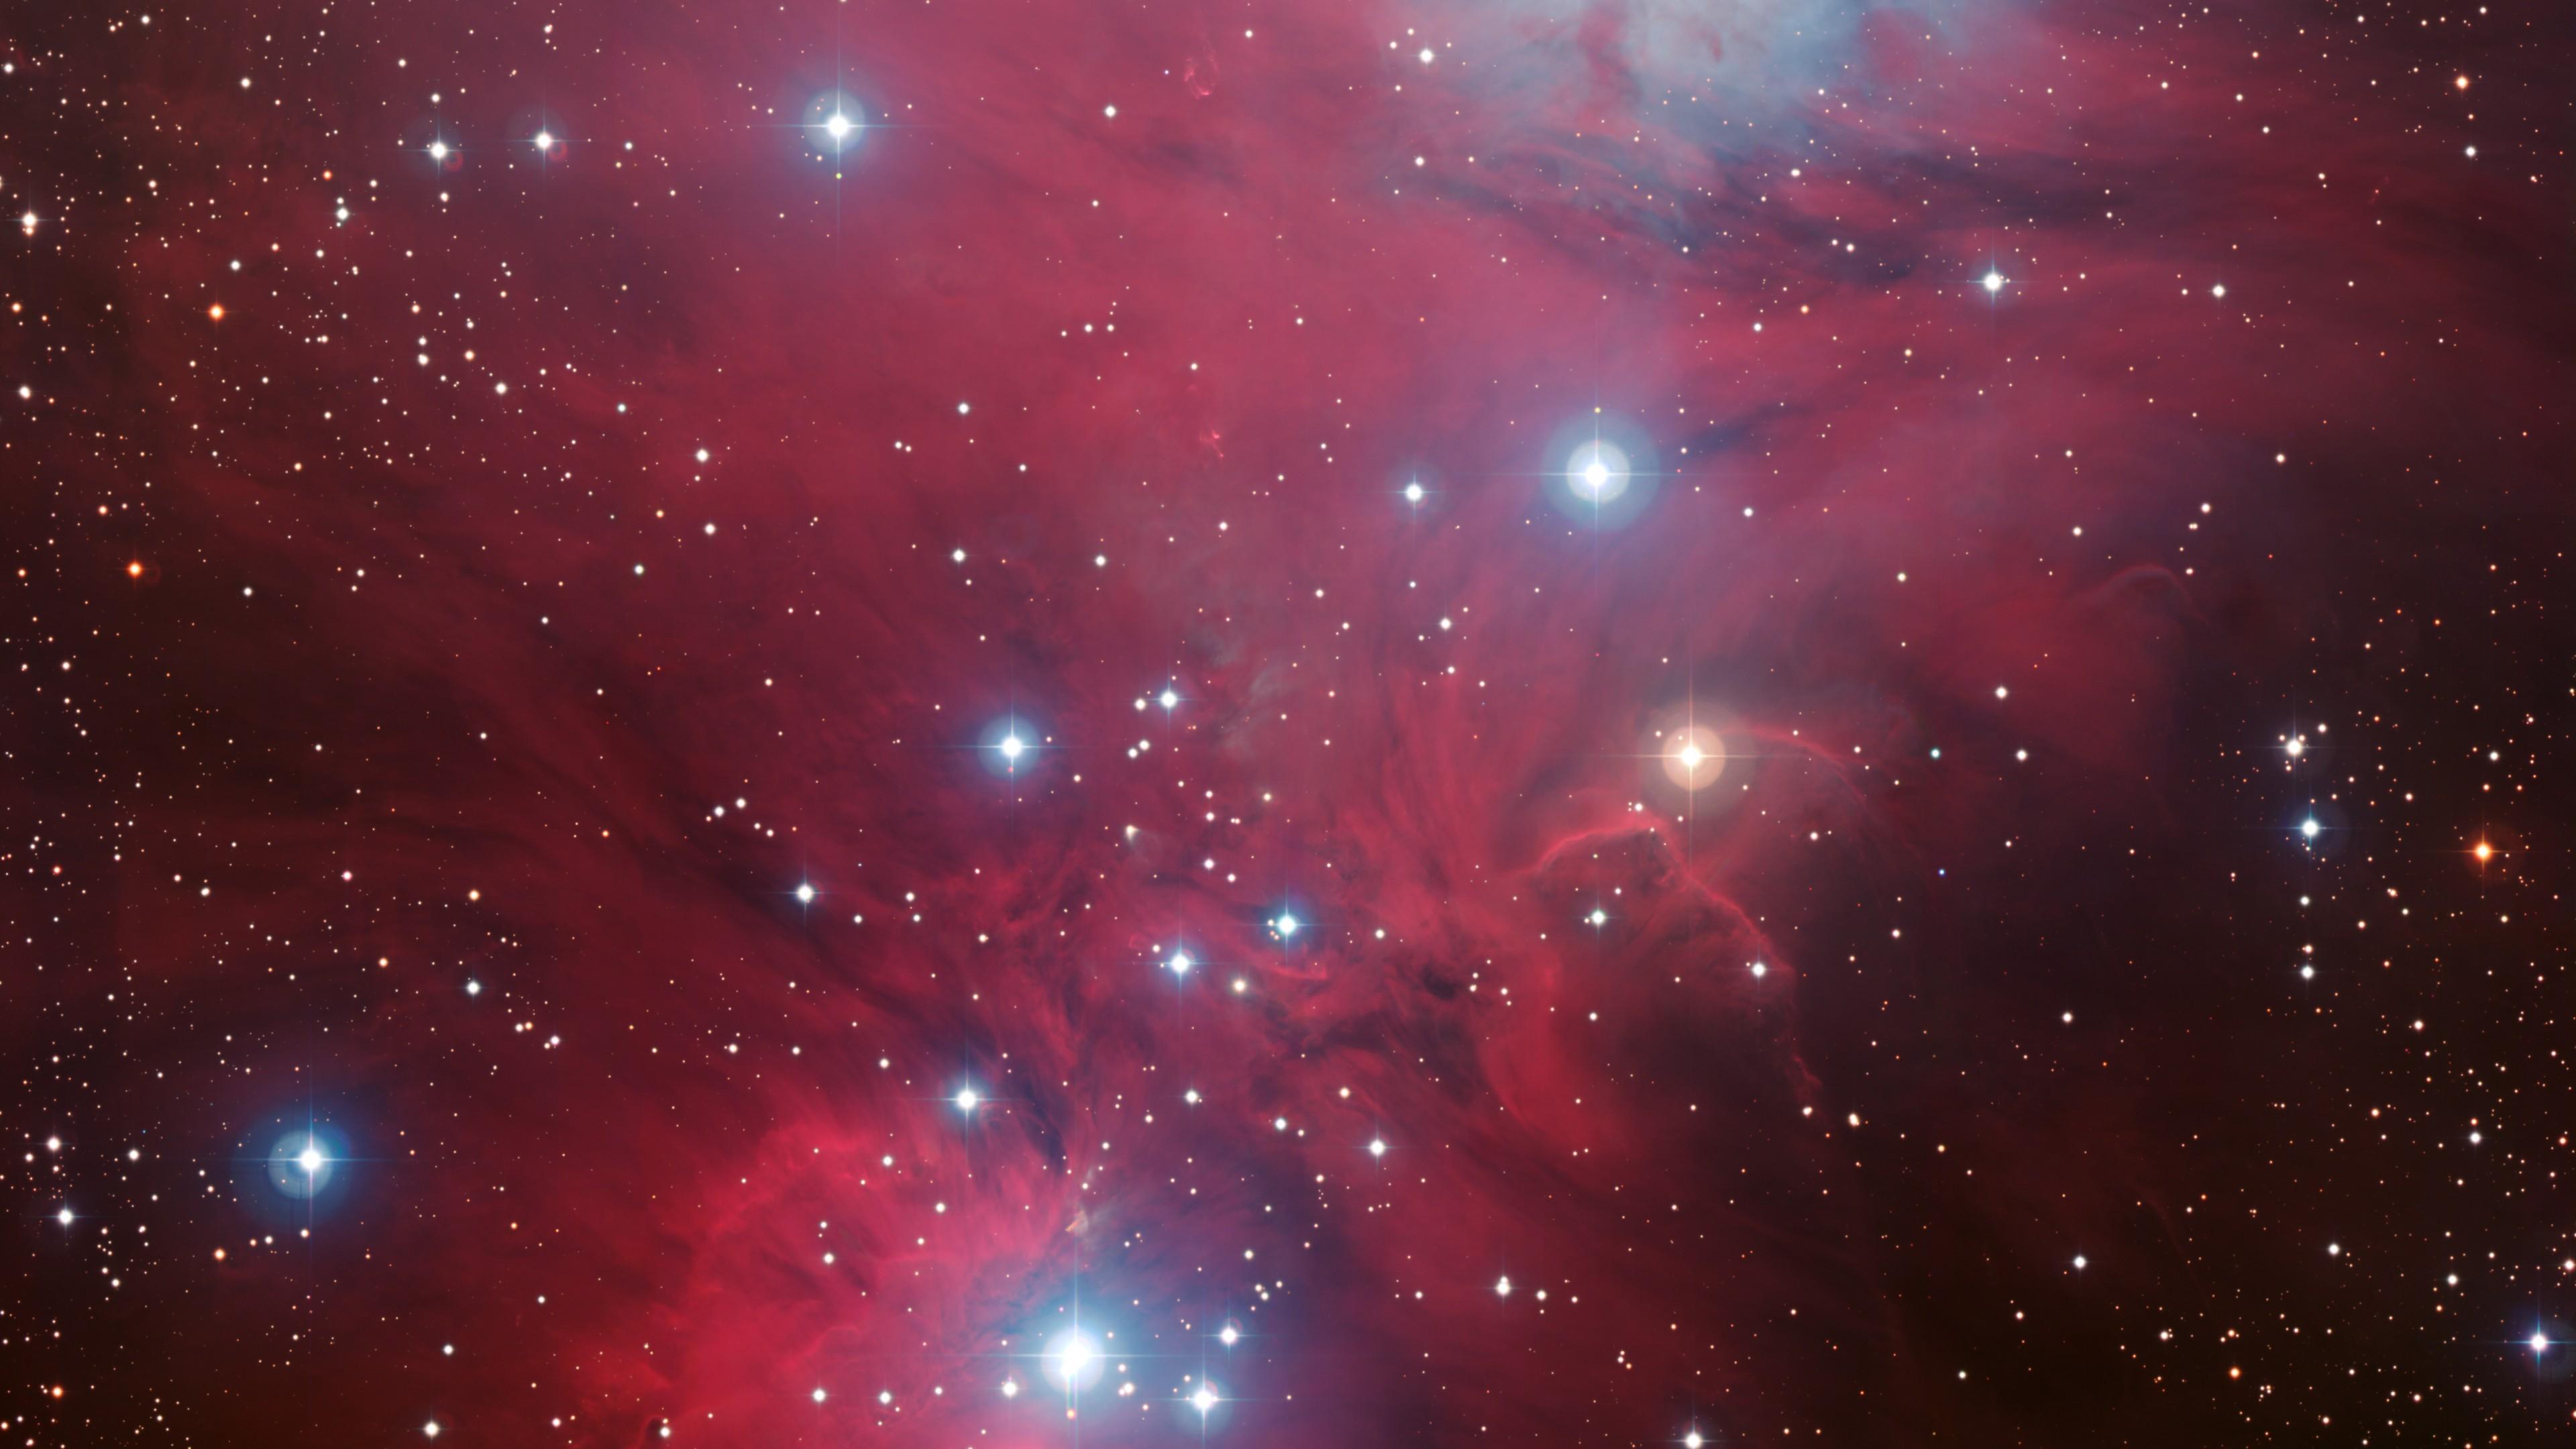 Галактика в темно-красном тумане с излучением и яркими блестящими звездами